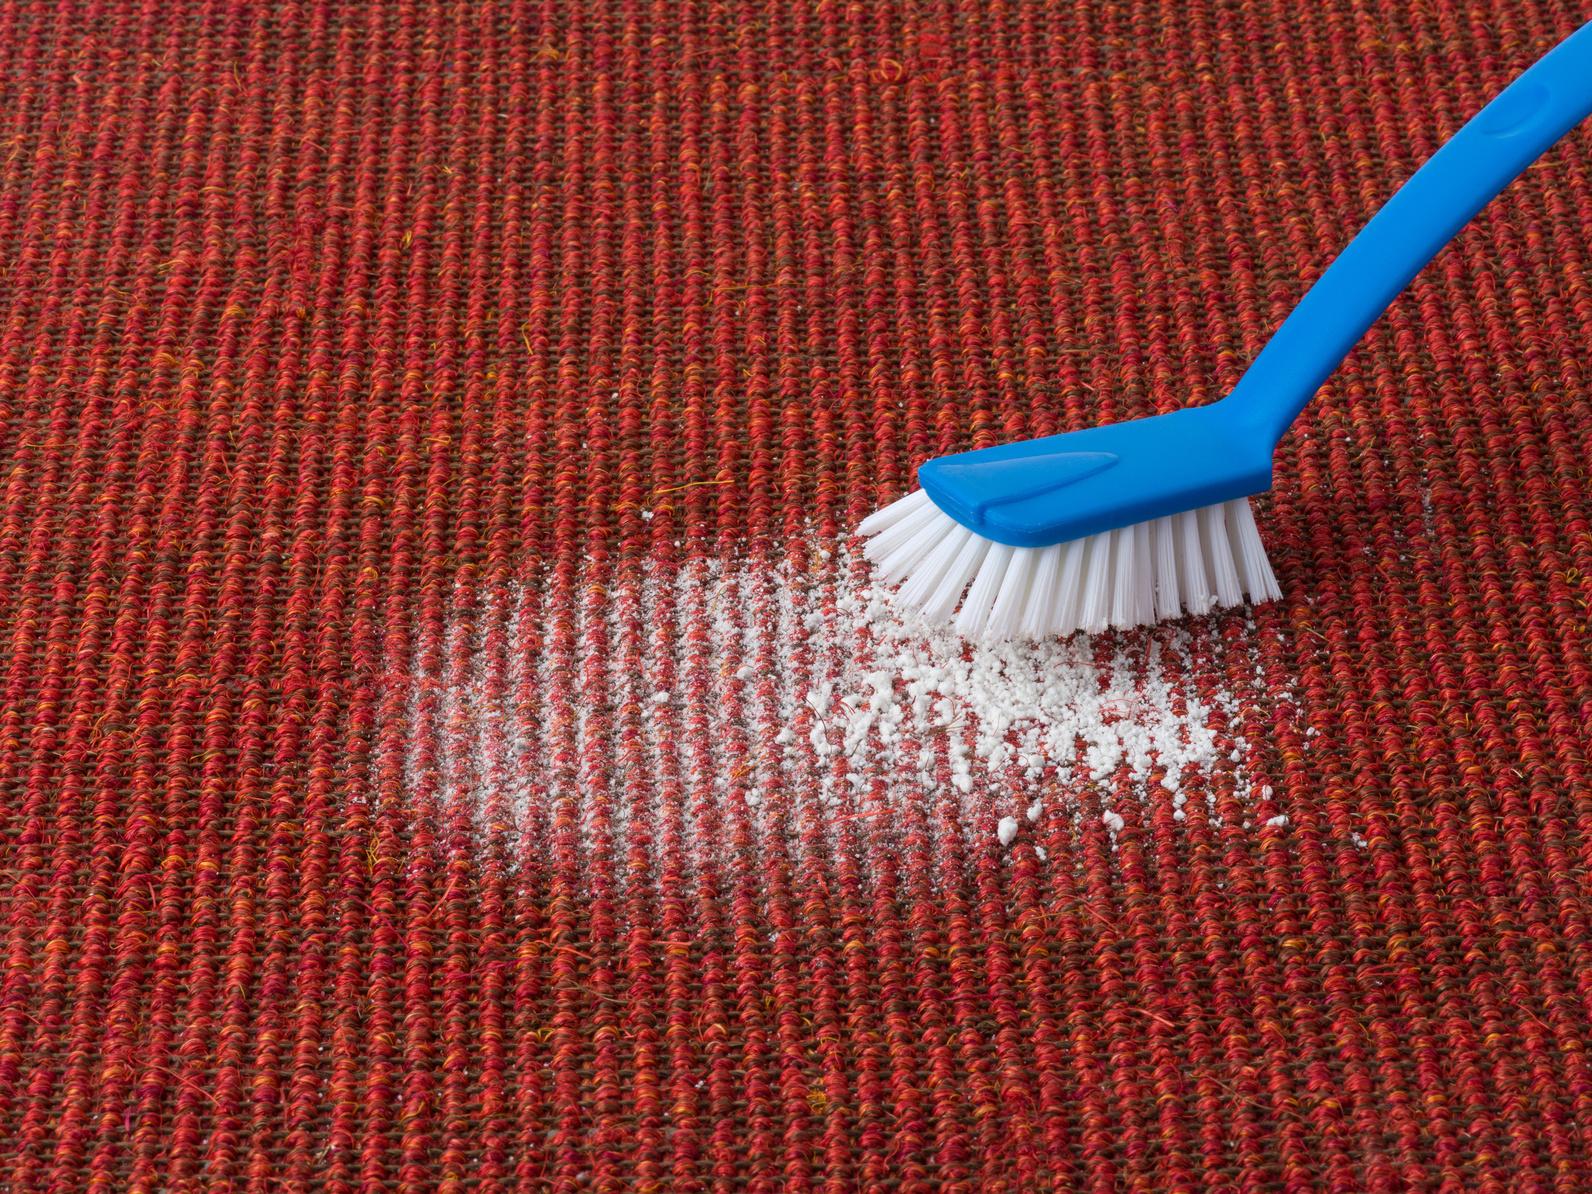 Nettoyage moquette bicarbonate